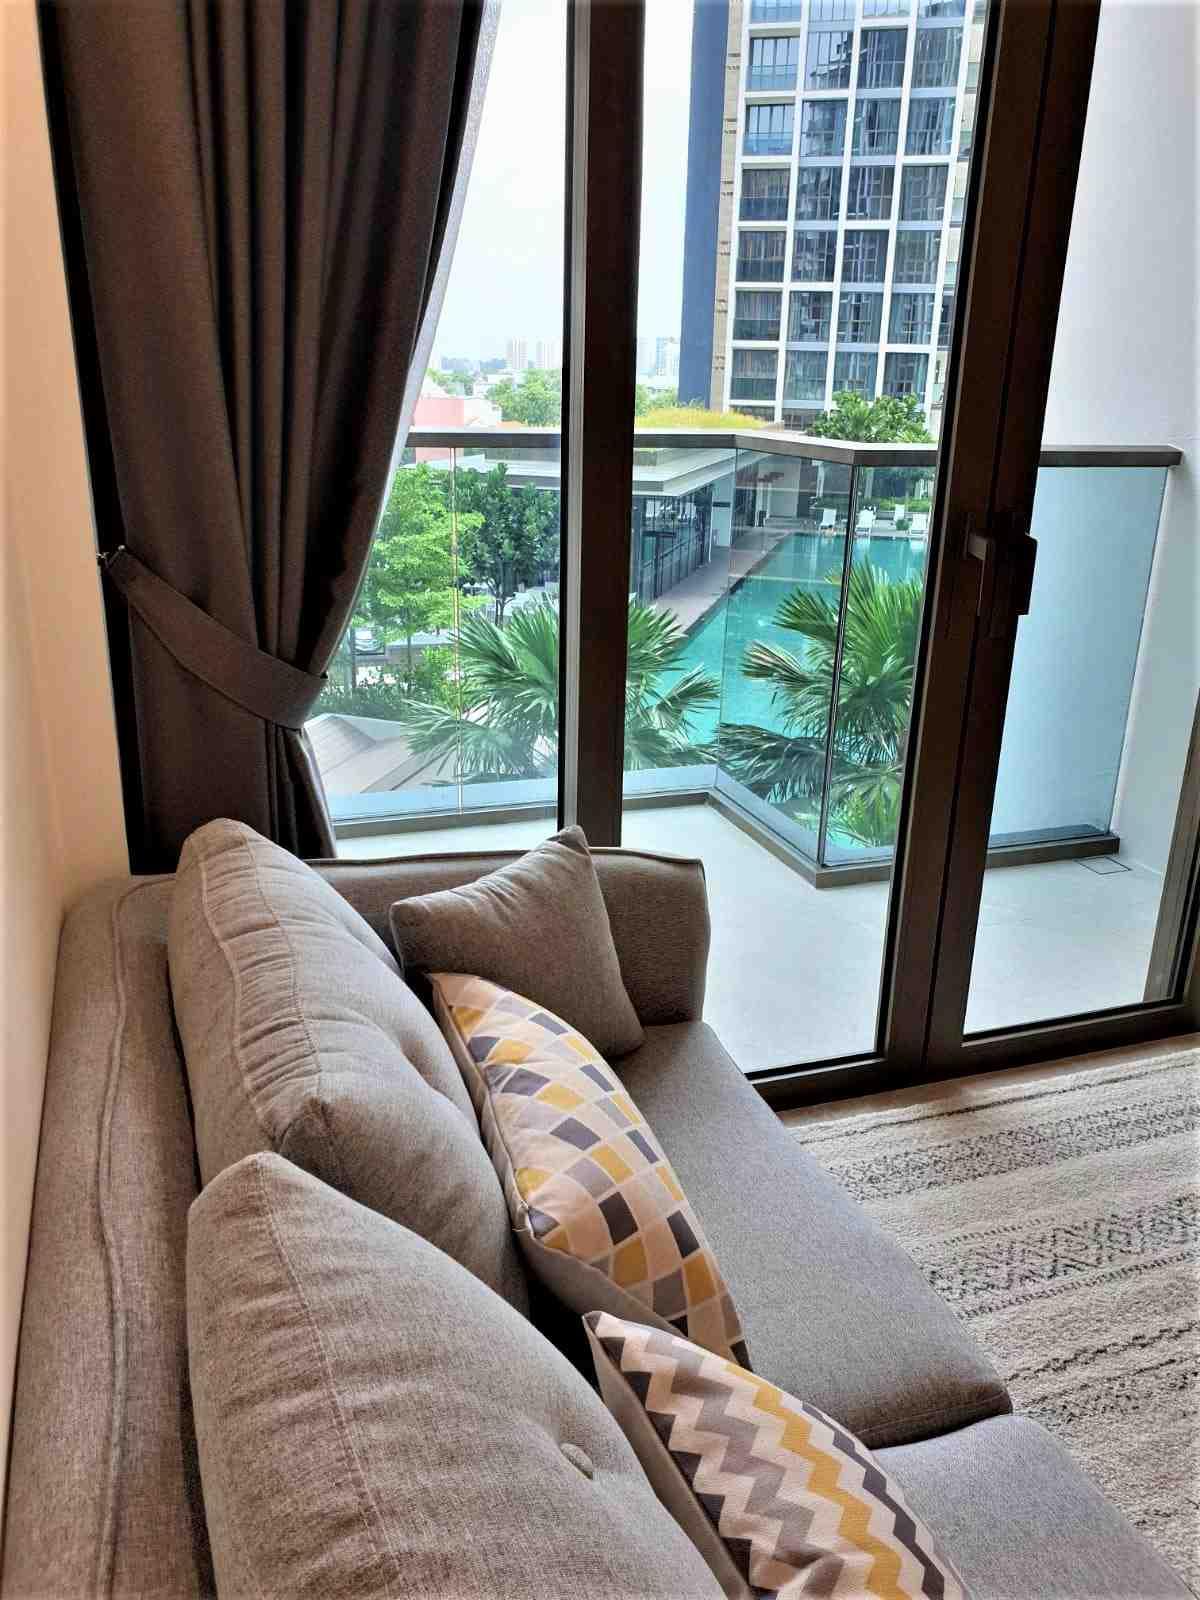 Ppr livingroom1